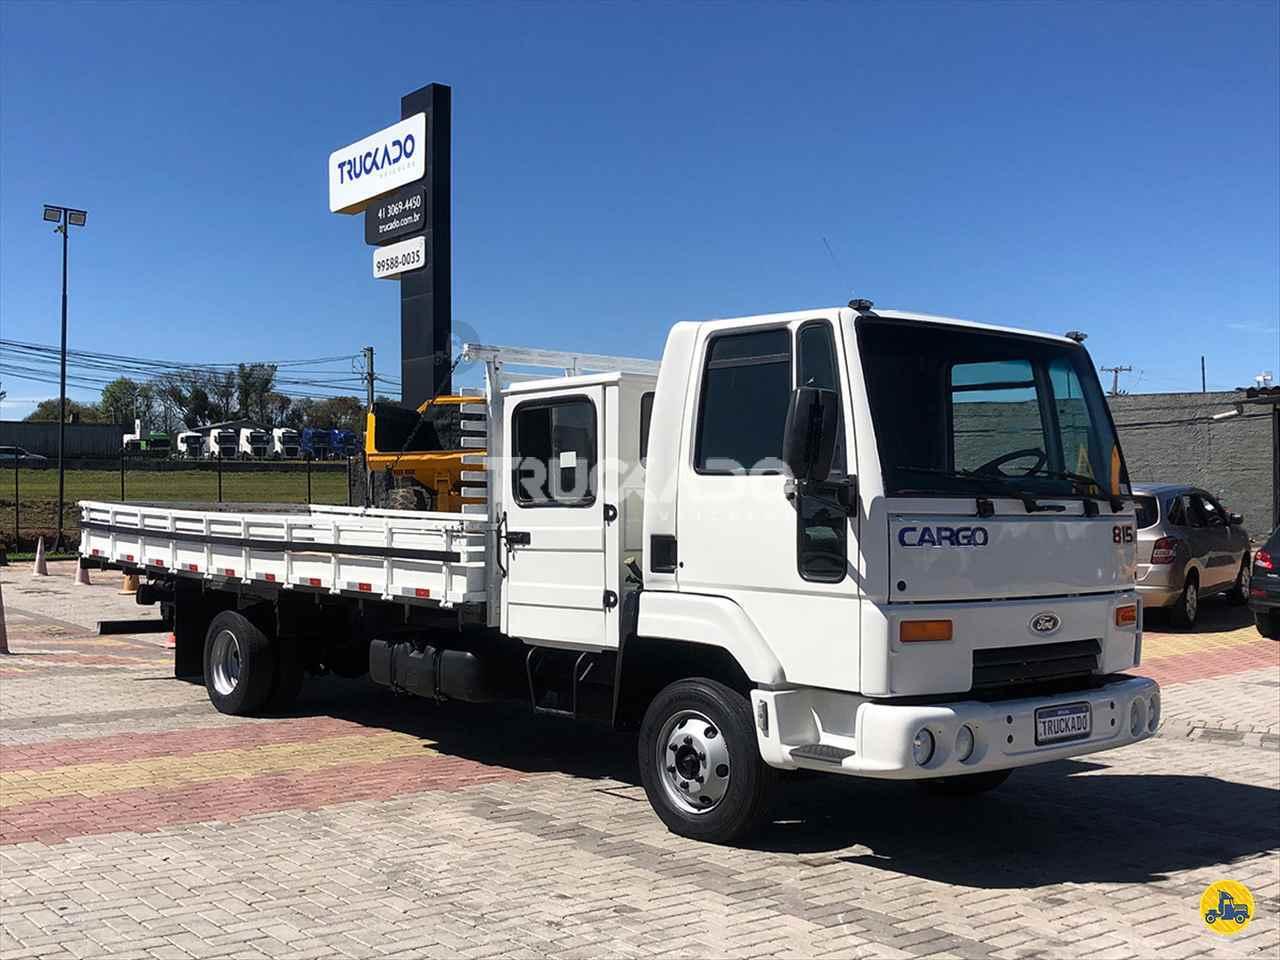 CARGO 815 de Truckado Veículos - CURITIBA/PR